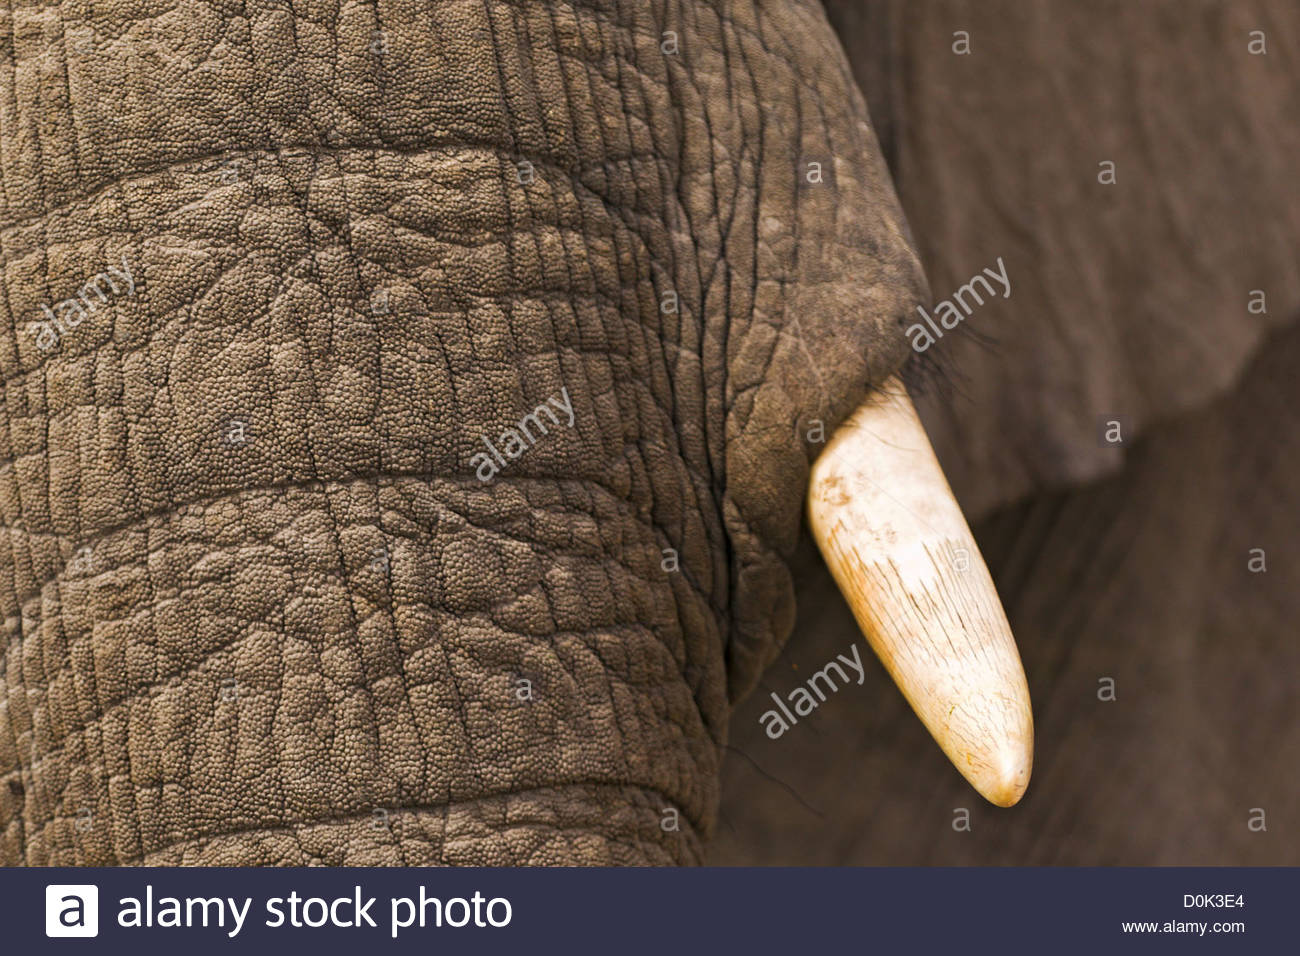 Um close-up de um elefante jogando na lama no Okavango Delta do Botsuana. Imagens de Stock